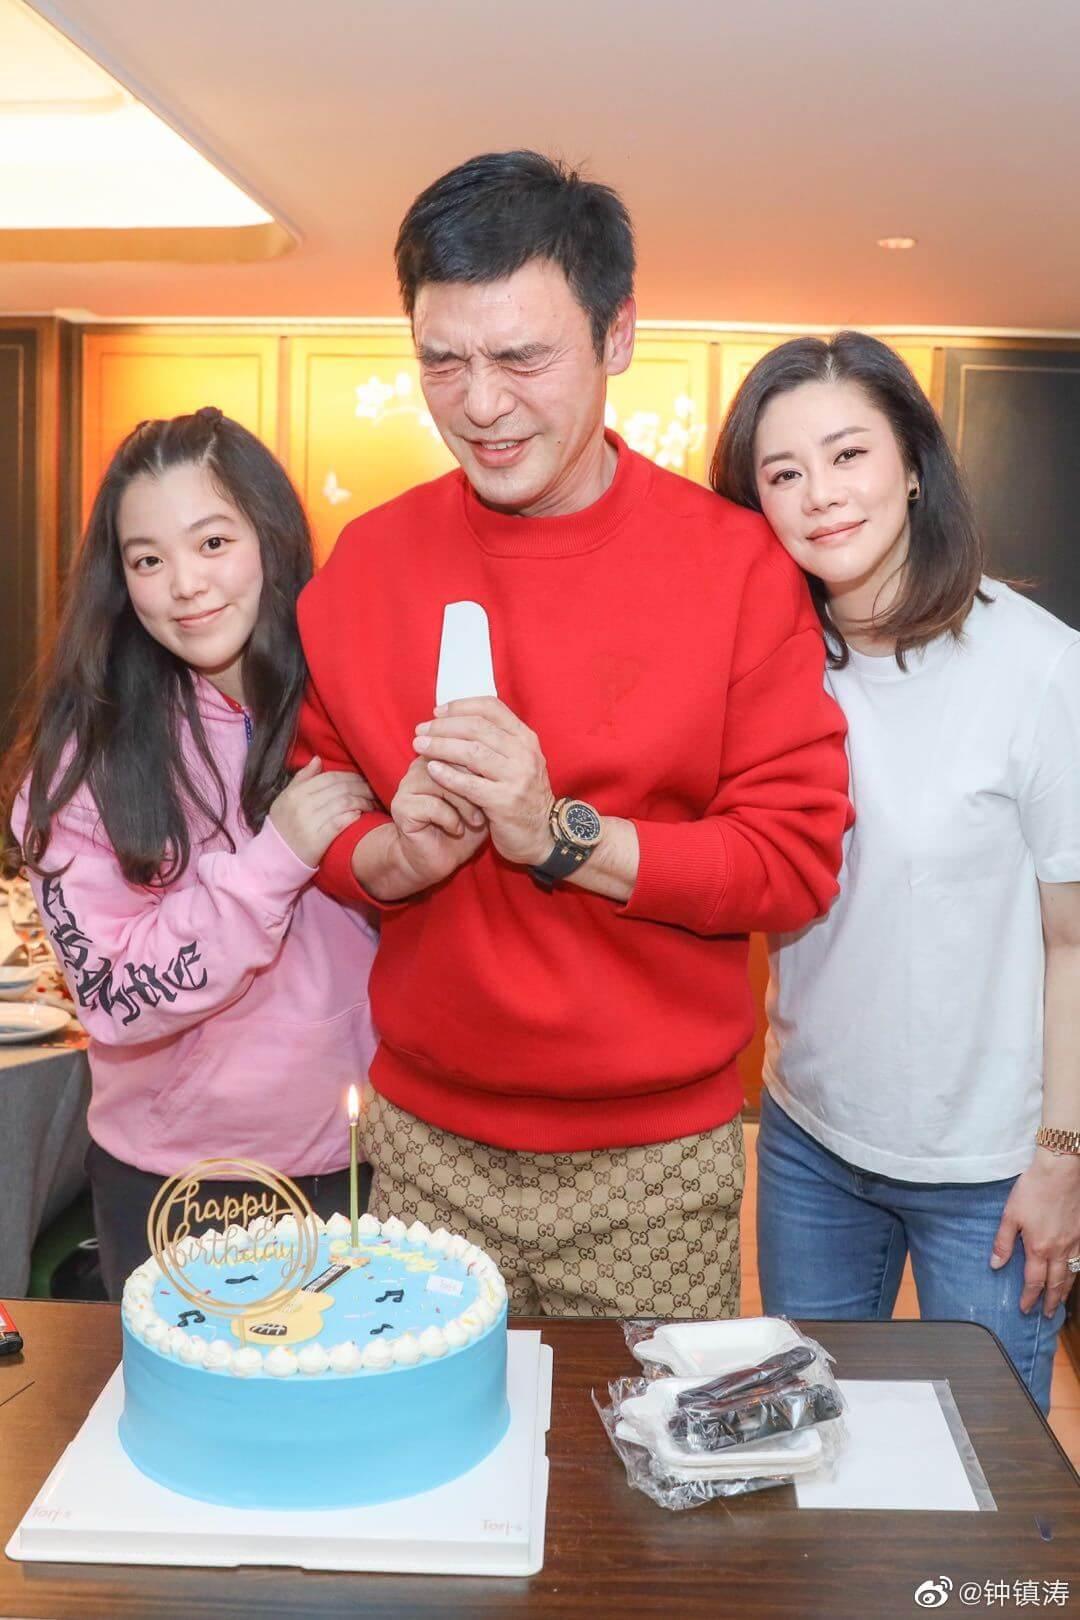 鍾鎮濤與各好友慶生,老婆范姜、女兒鍾嘉晴都有陪伴身邊。